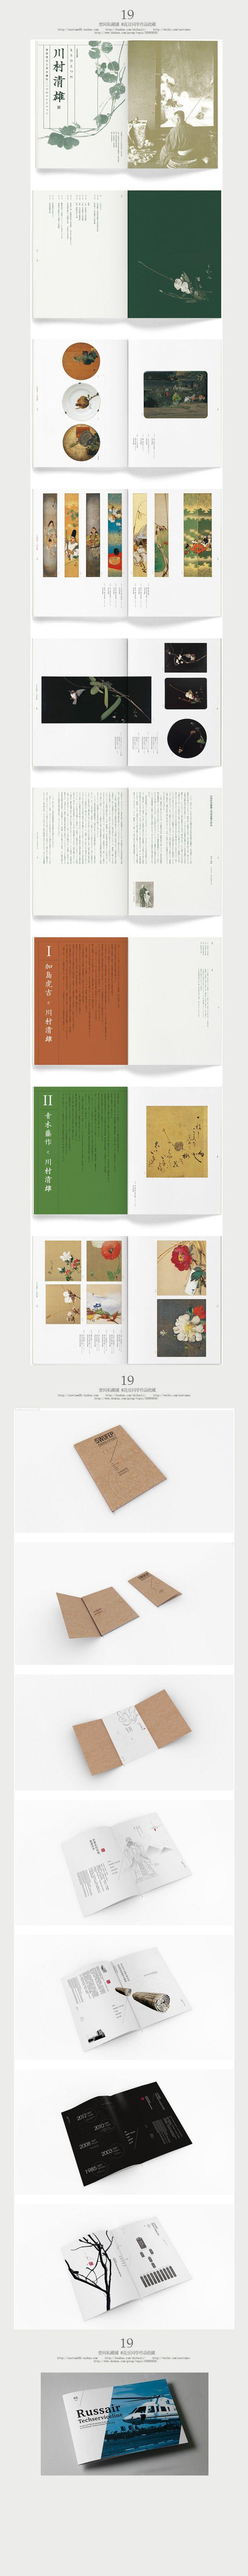 日本古典复古牛皮纸简约画册设计欣赏_日本,古典,复古,牛皮纸_创意猫网